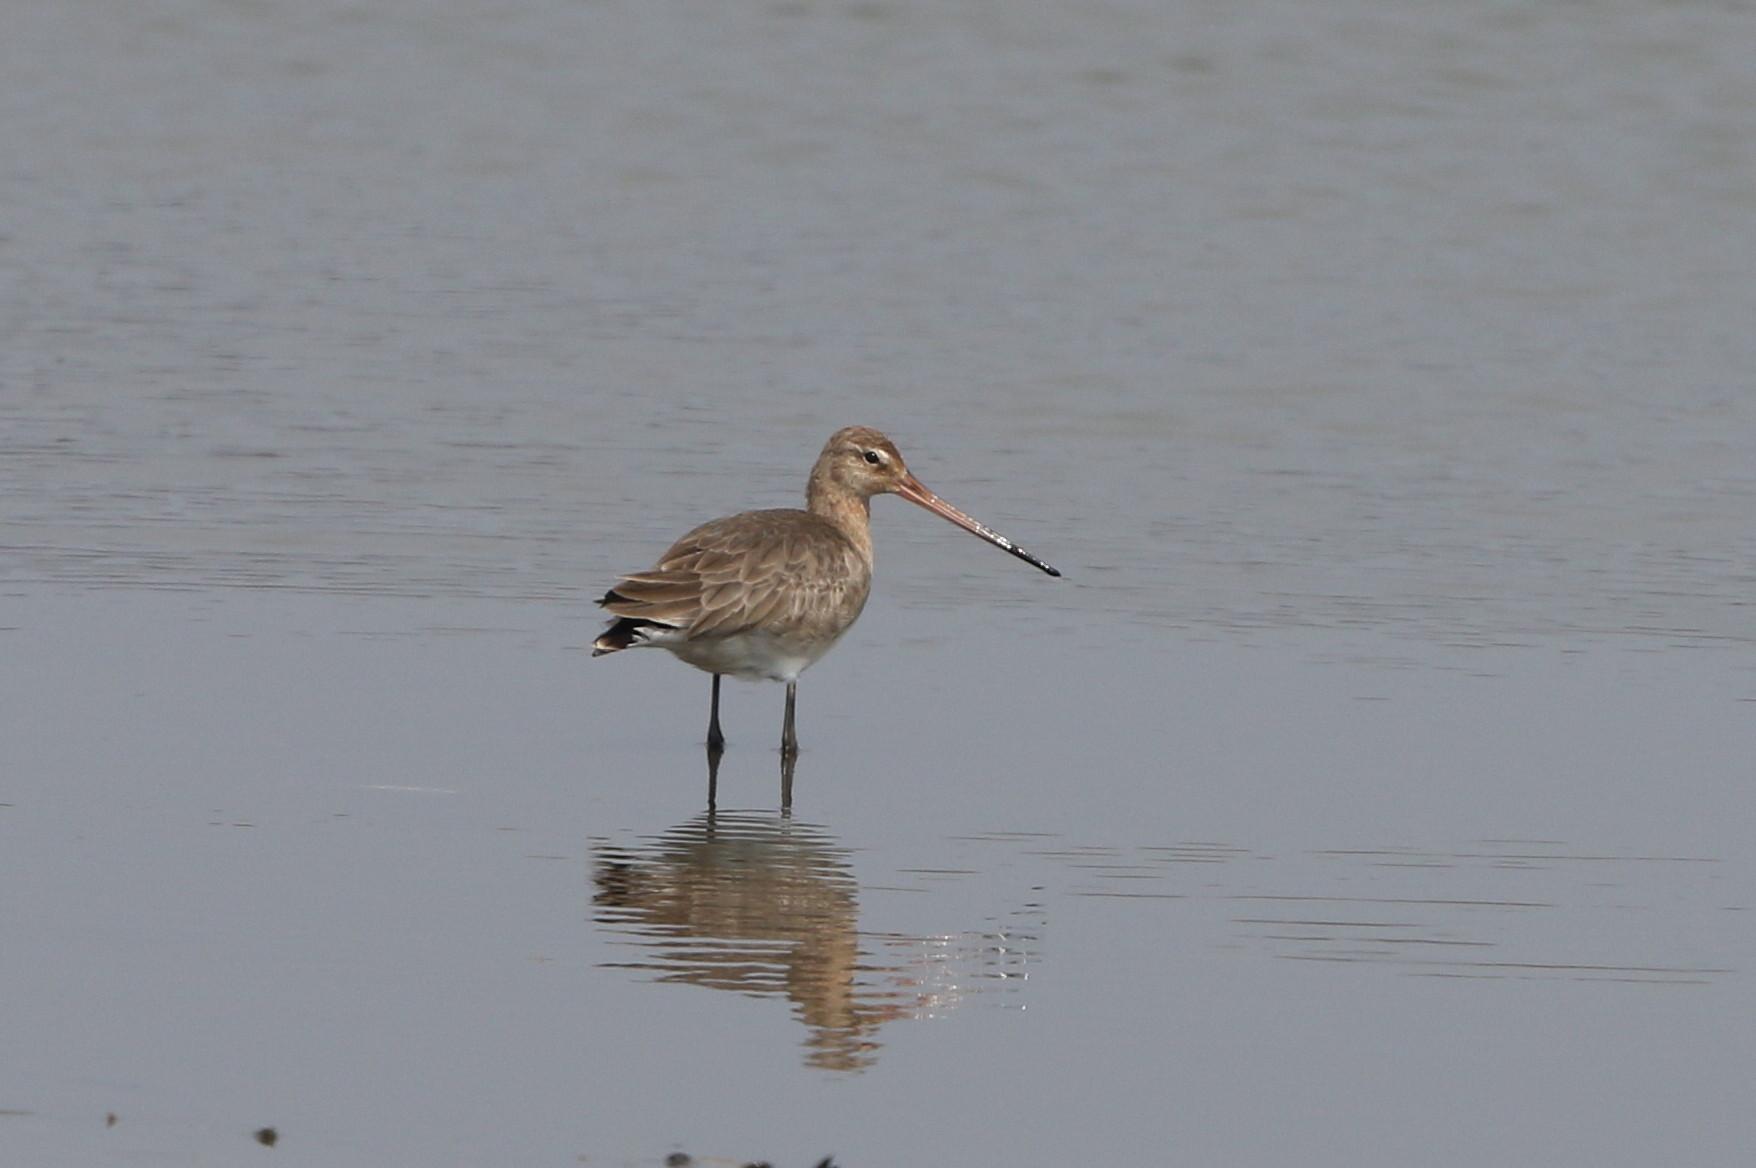 MFの沼でオグロシギを撮る_f0239515_21454377.jpg